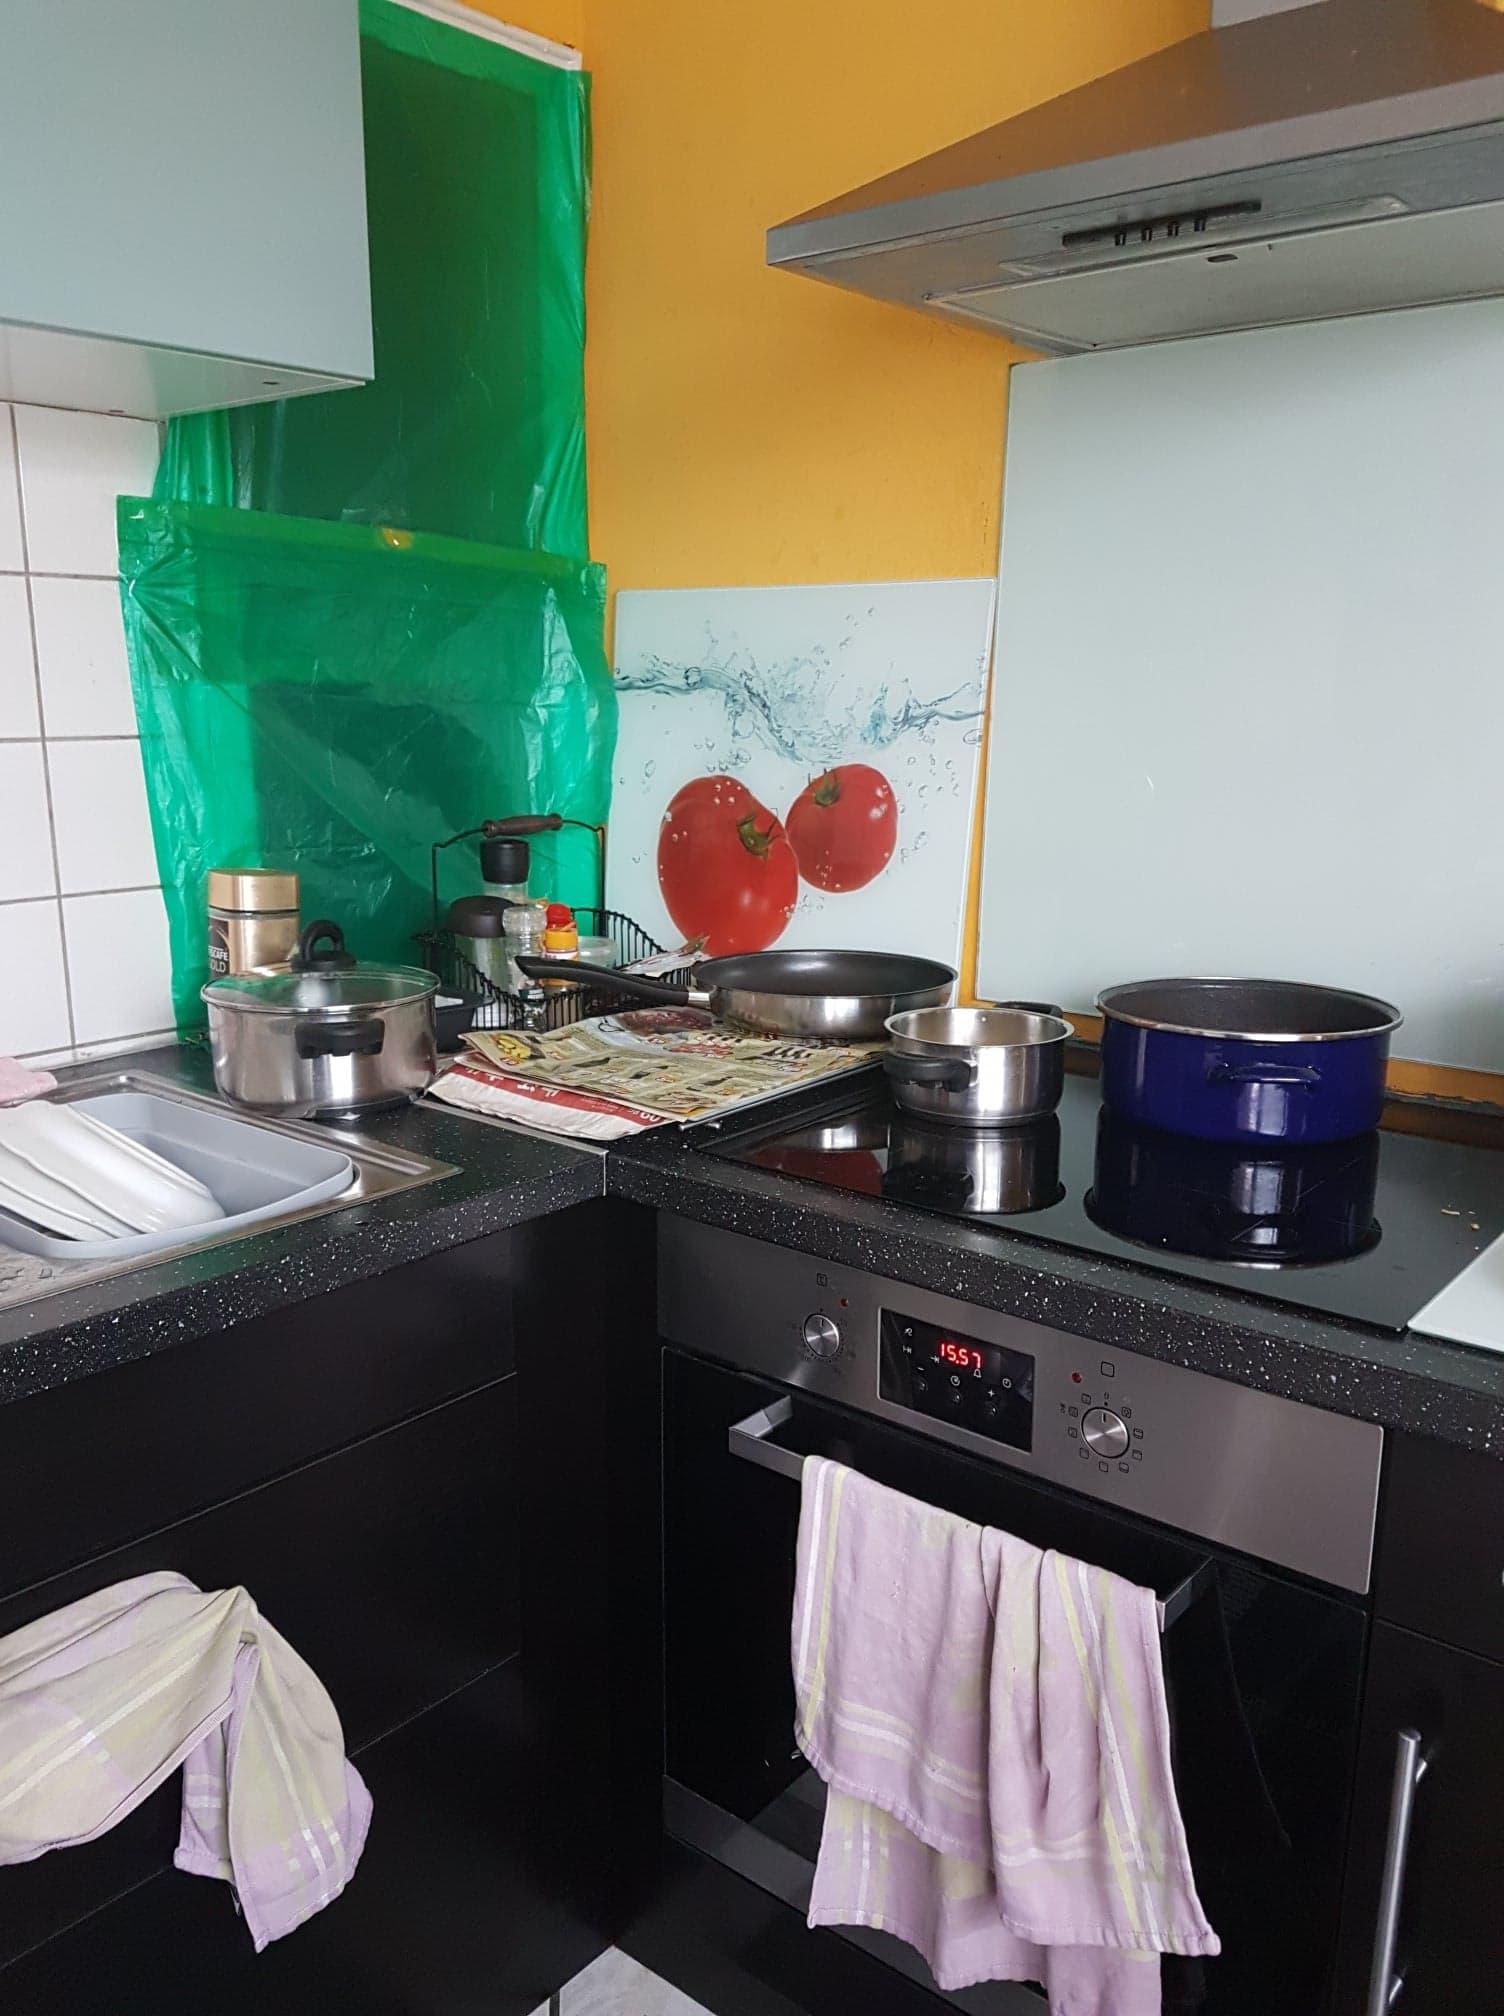 Turbo Küche abbauen lassen und Kosten? (Wohnung, Mietrecht, Mietvertrag) KK26